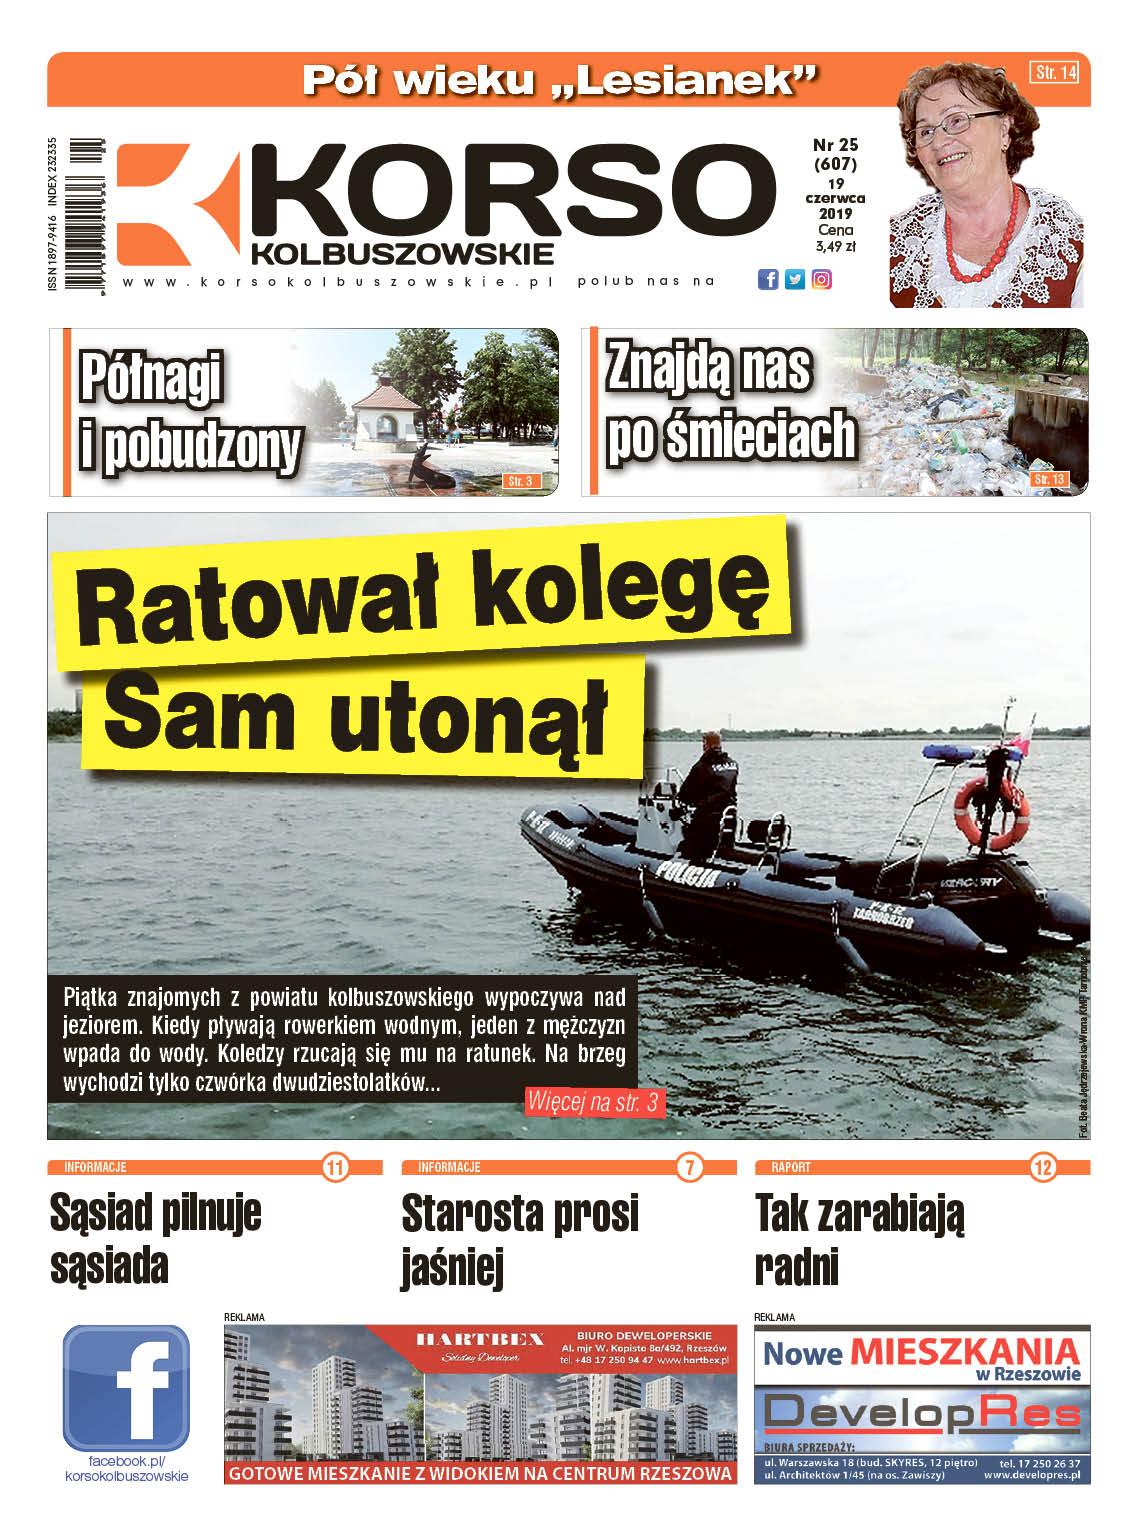 Korso Kolbuszowskie - nr 25/2019 - Zdjęcie główne